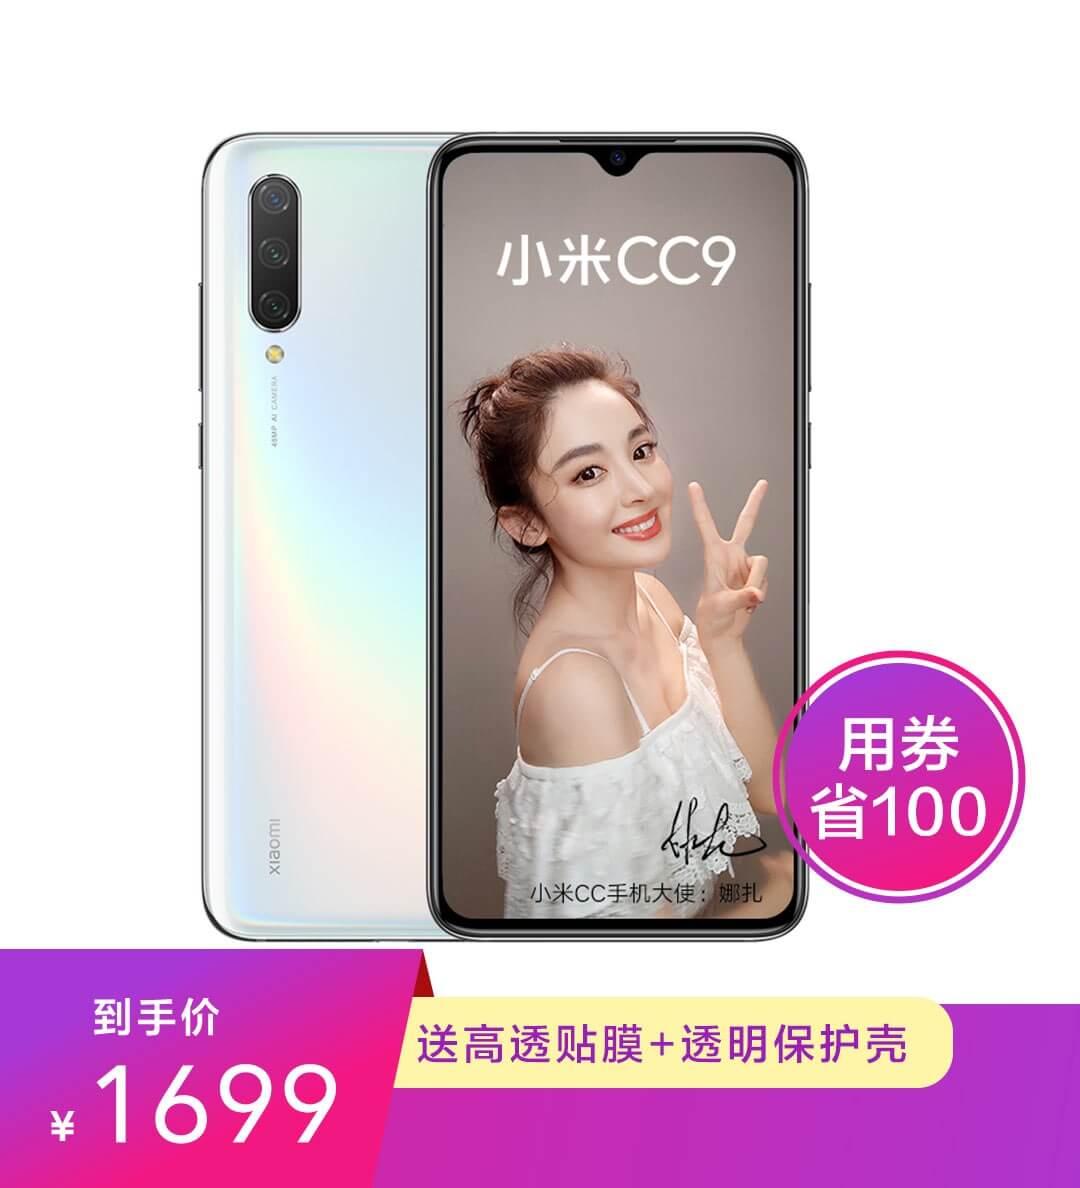 小米CC9宣传图